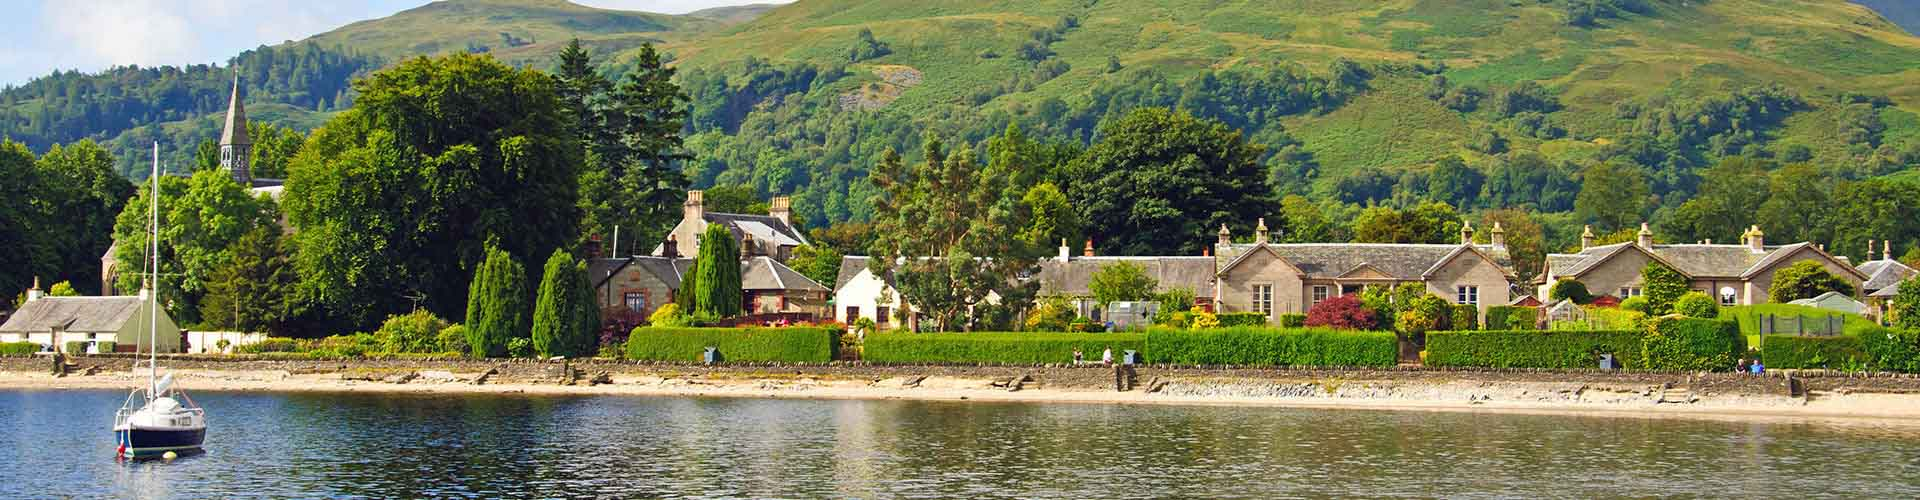 Loch Lomond - Habitaciones en Loch Lomond. Mapas de Loch Lomond, Fotos y comentarios de cada Habitación en Loch Lomond.